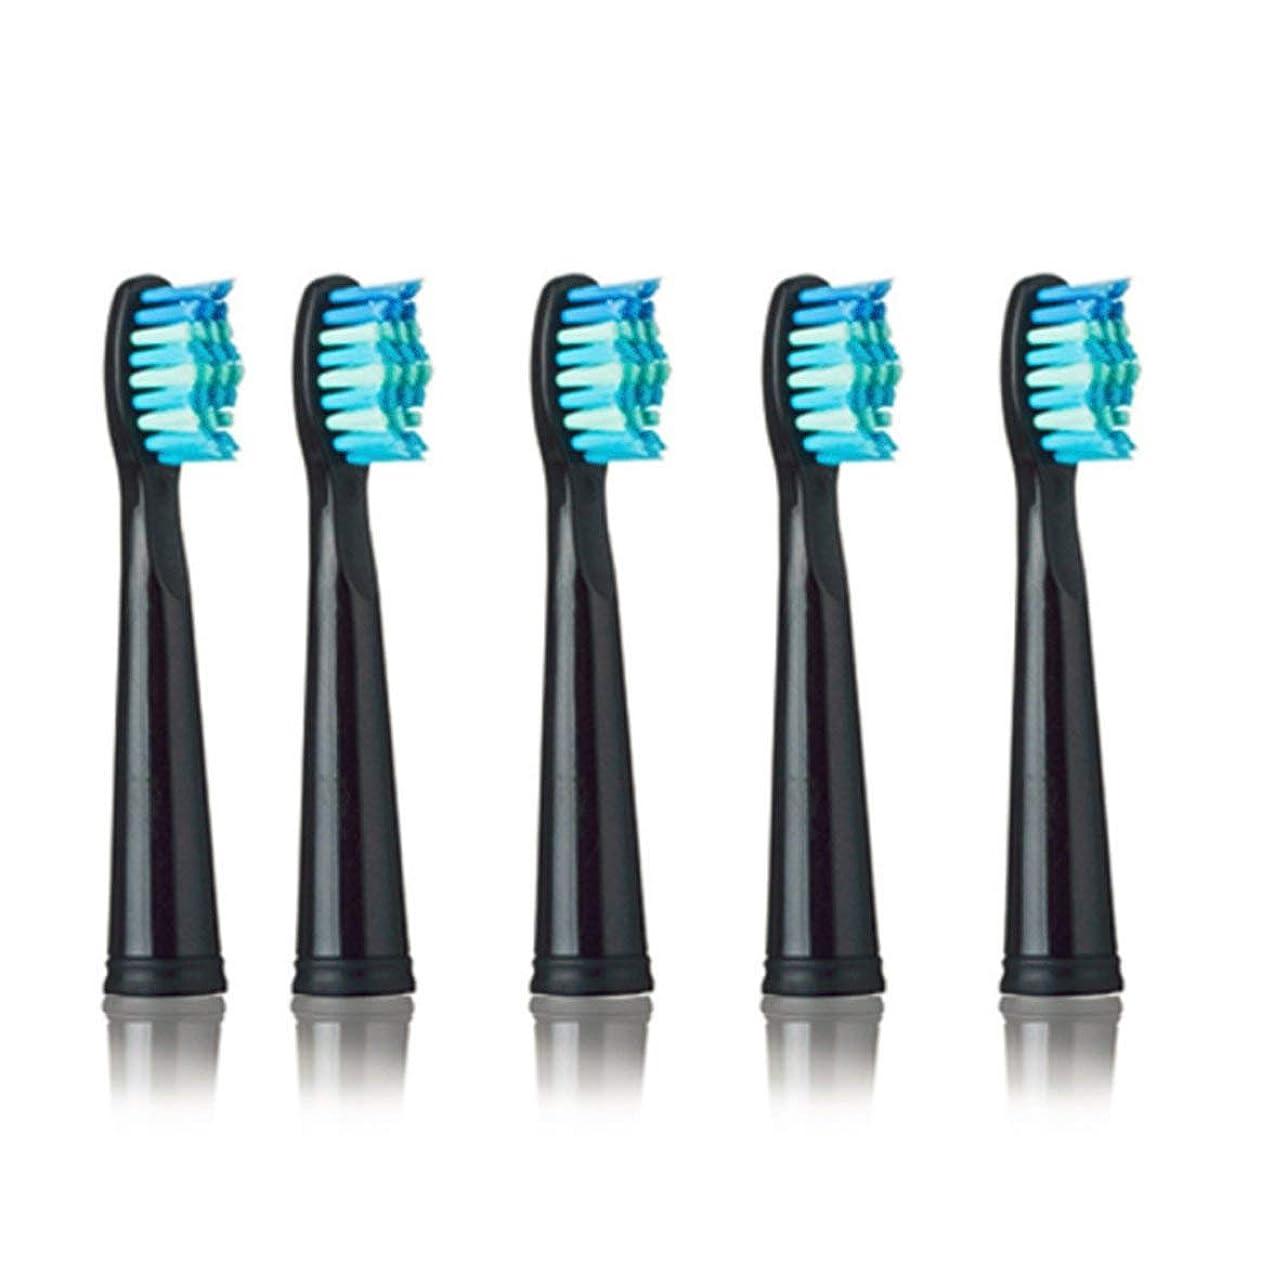 粘性の予防接種する不安定なSEAGO 949/507/610/659用電動歯ブラシヘッド抗菌自動歯ブラシヘッド電動歯ブラシ - ブラック